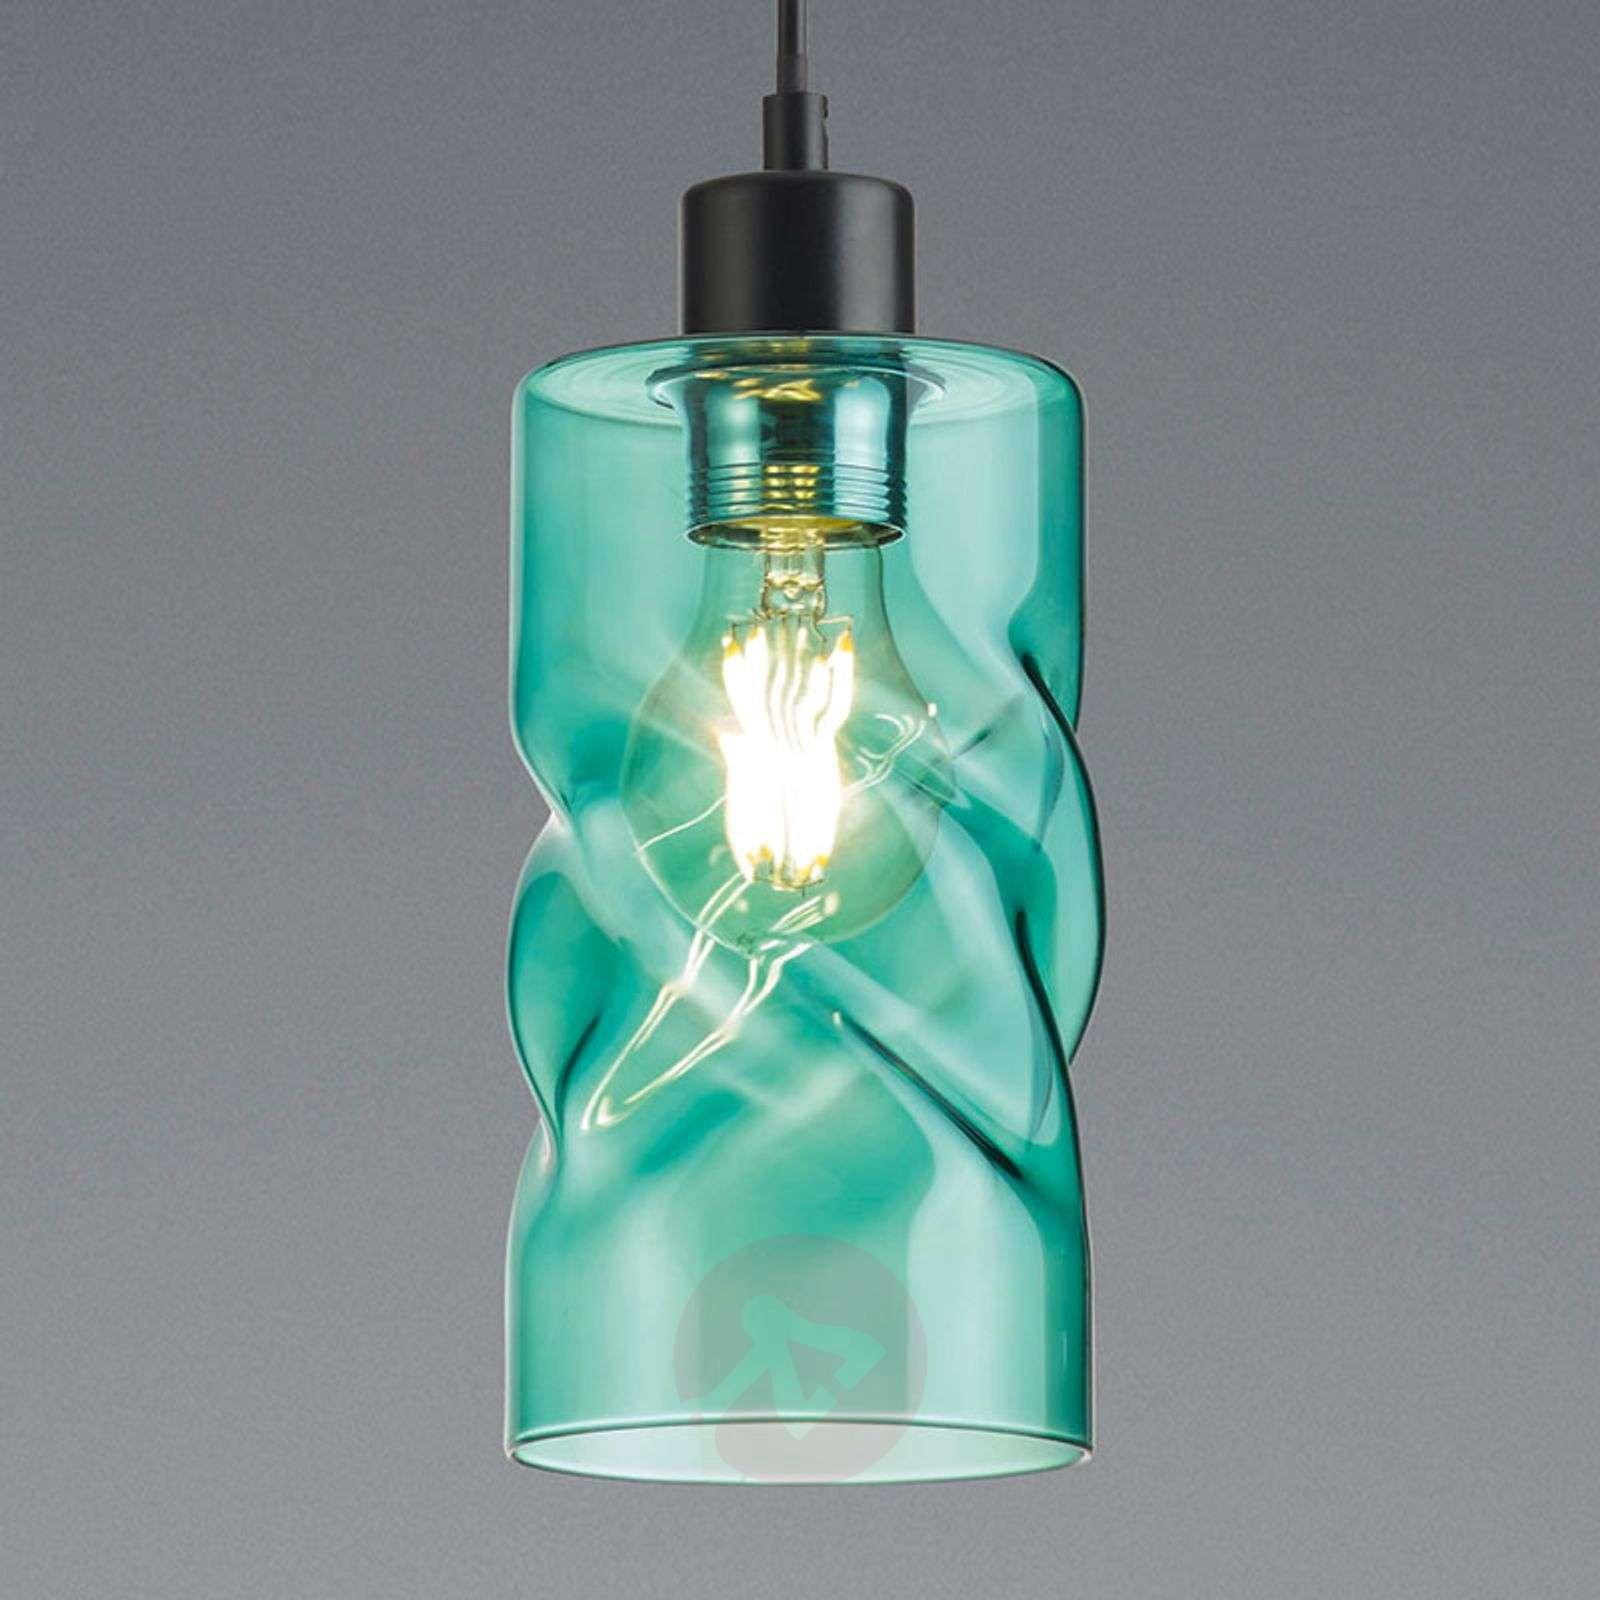 Riippuvalaisin Swirl lasista, 1 lamppu-8029280X-01